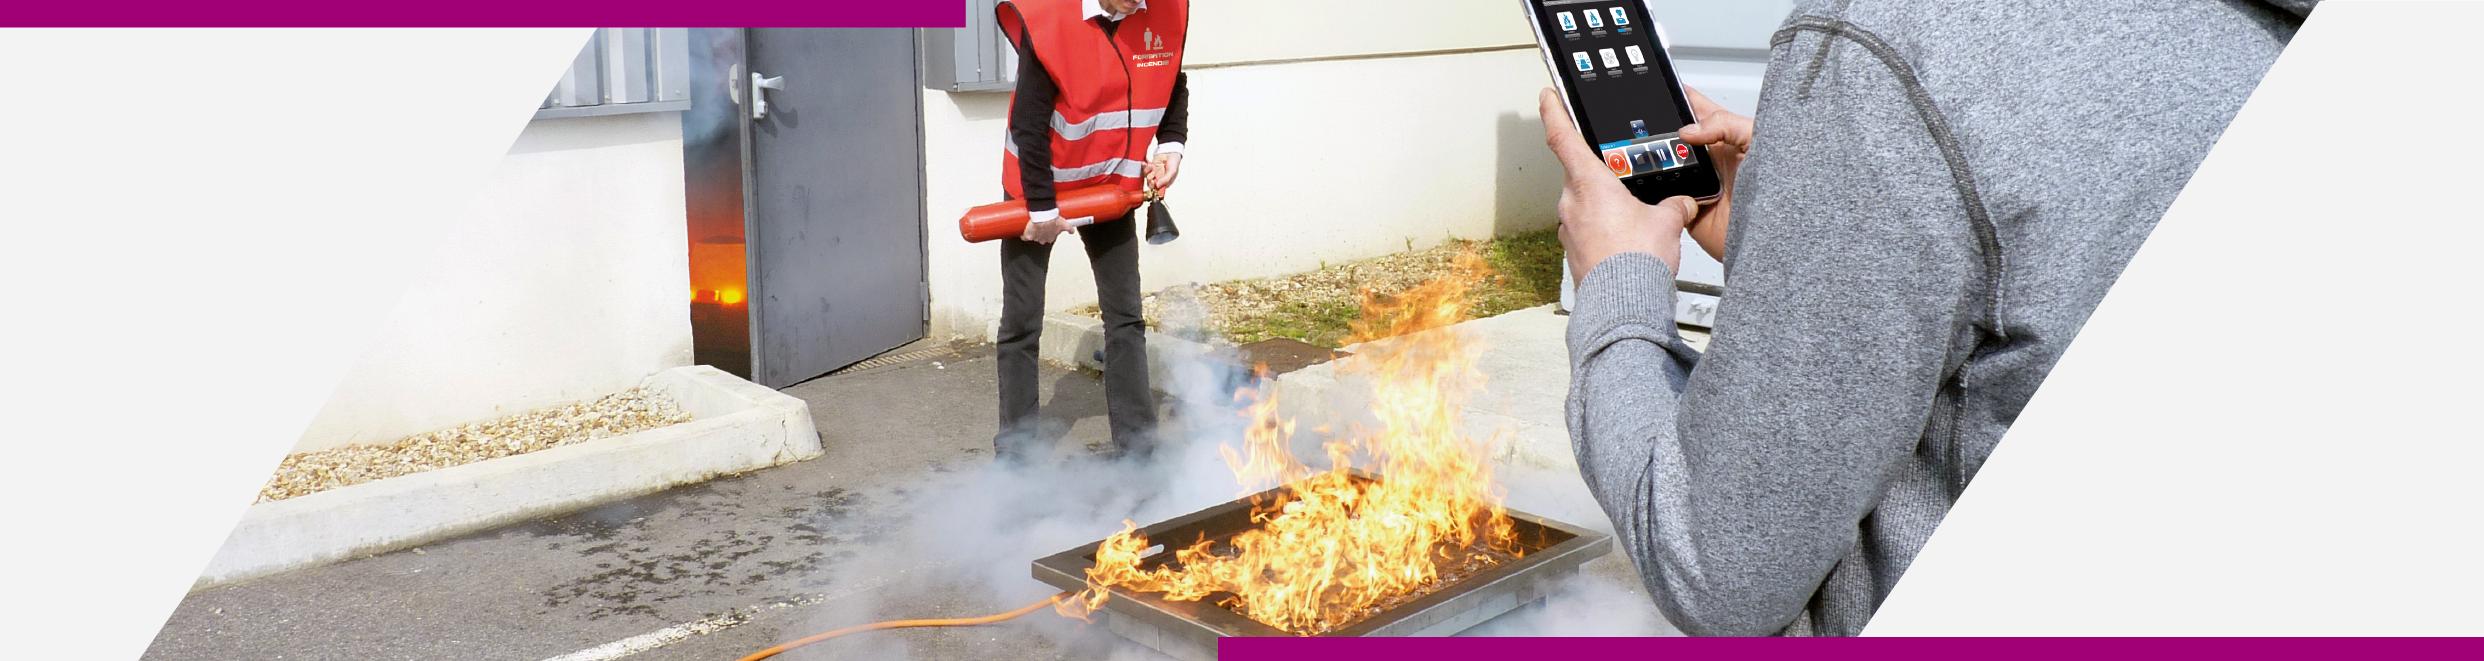 Mise en situation du générateur de flammes Cordia de la gamme IT spécialement conçue pour la formation incendie